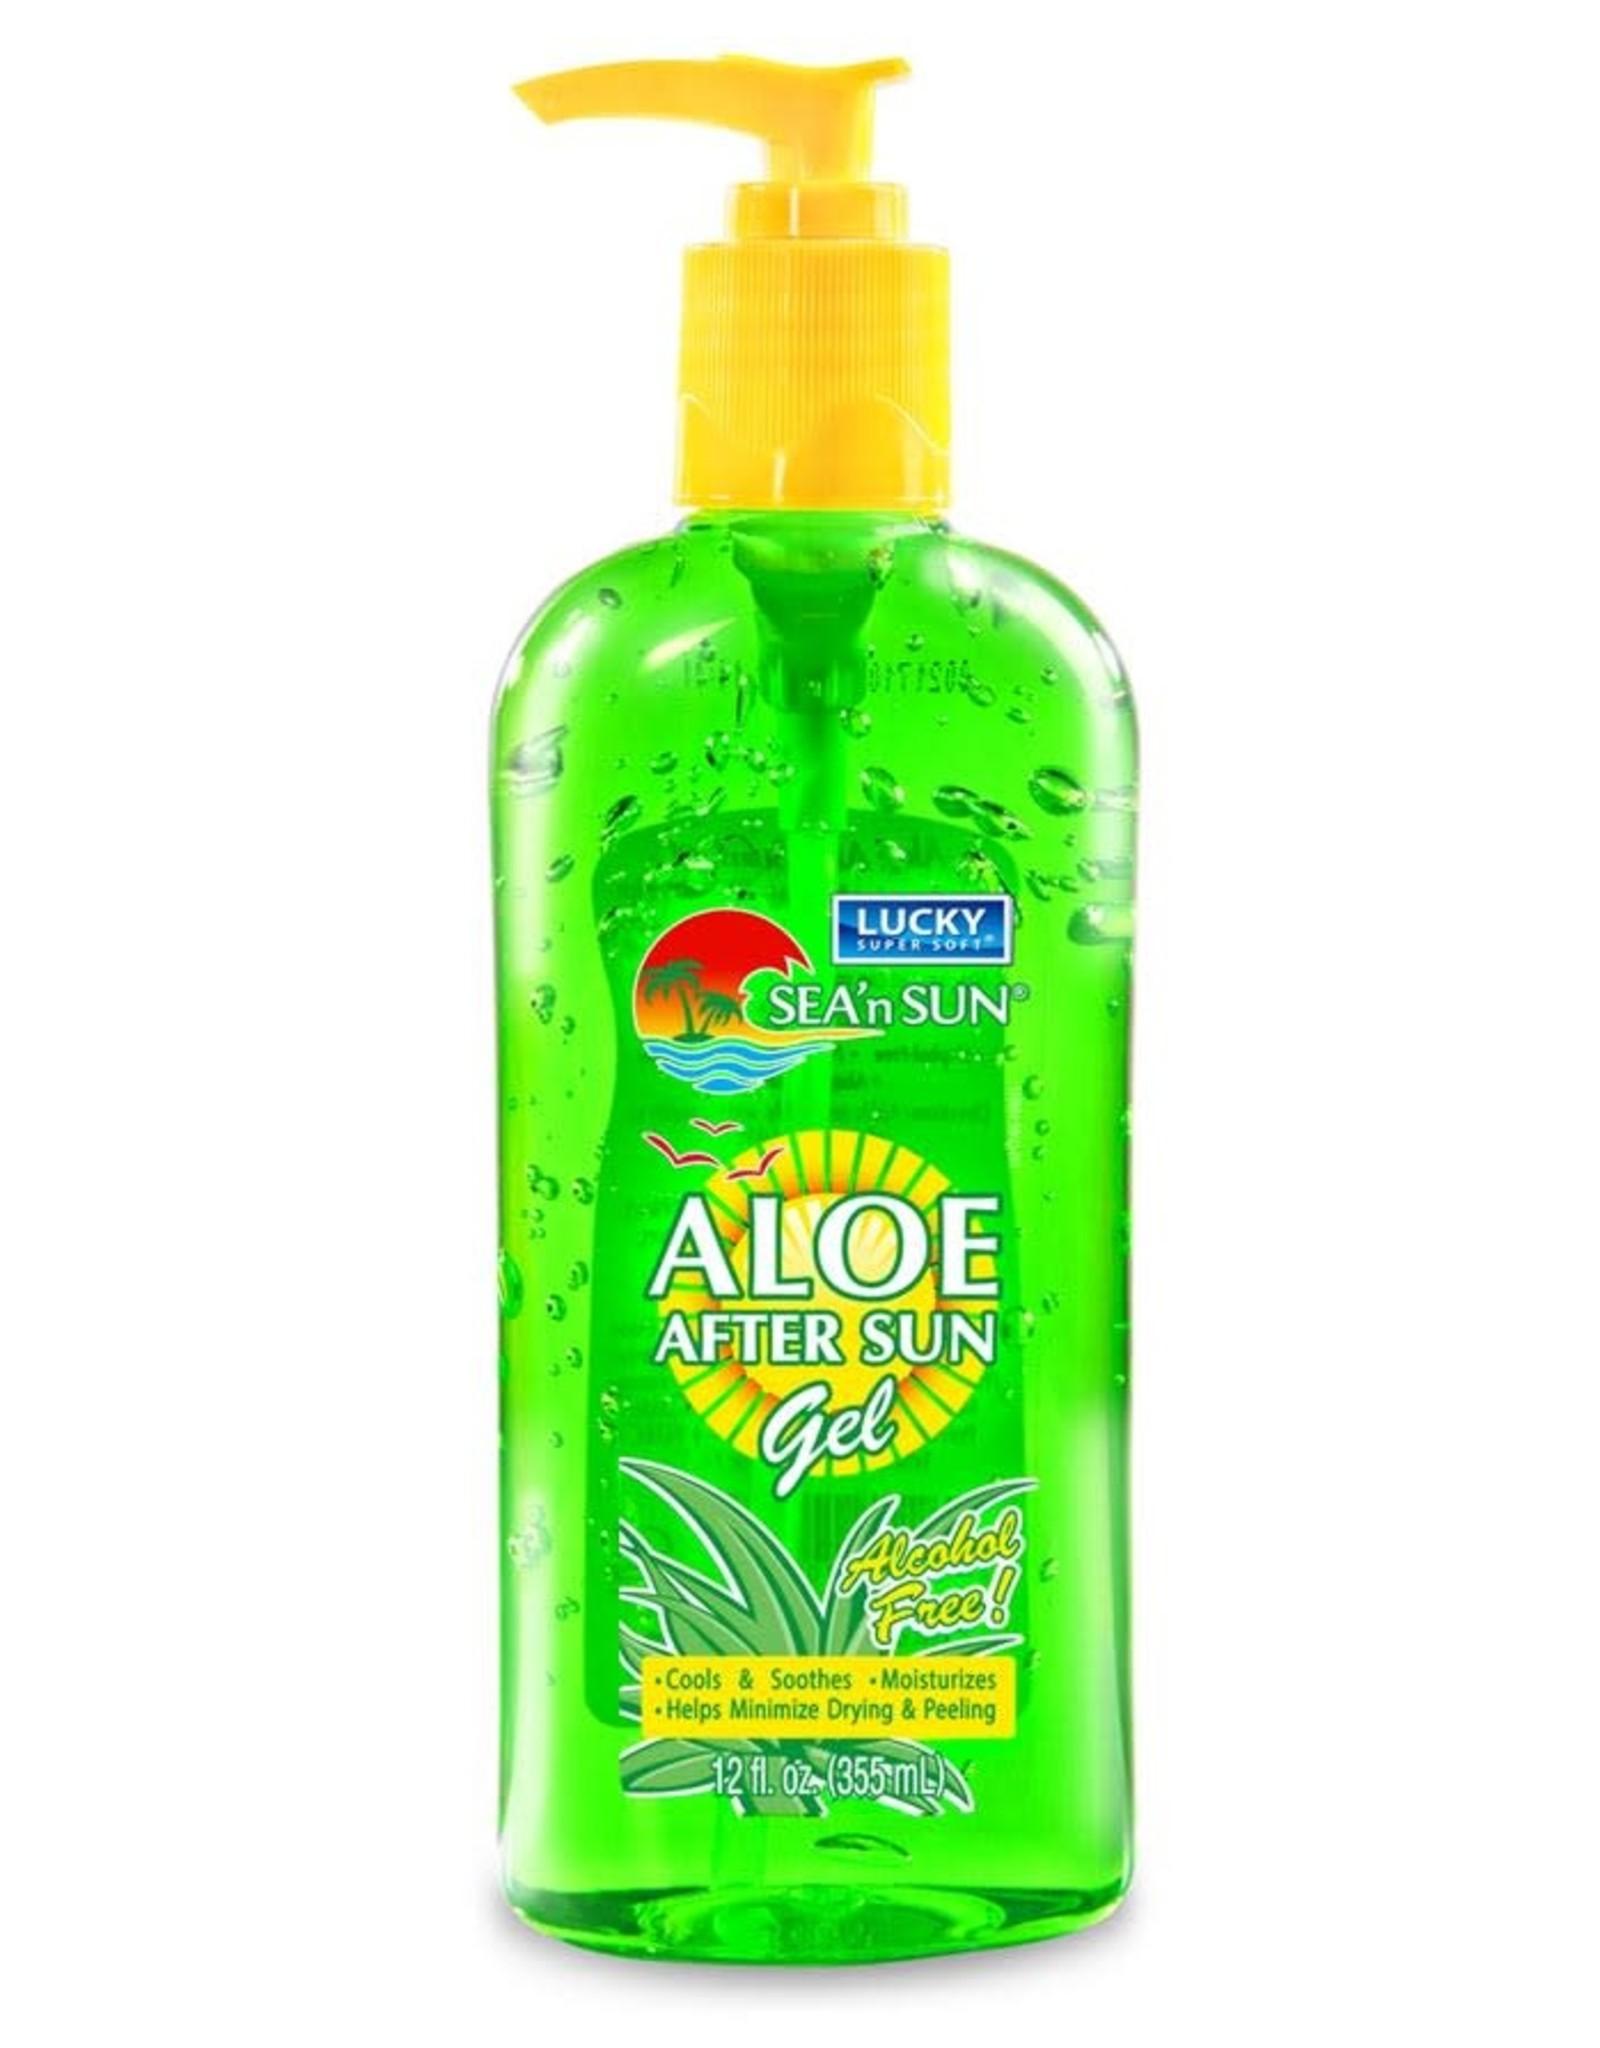 Sea'n Sun Aloe After Sun Gel 12 oz.